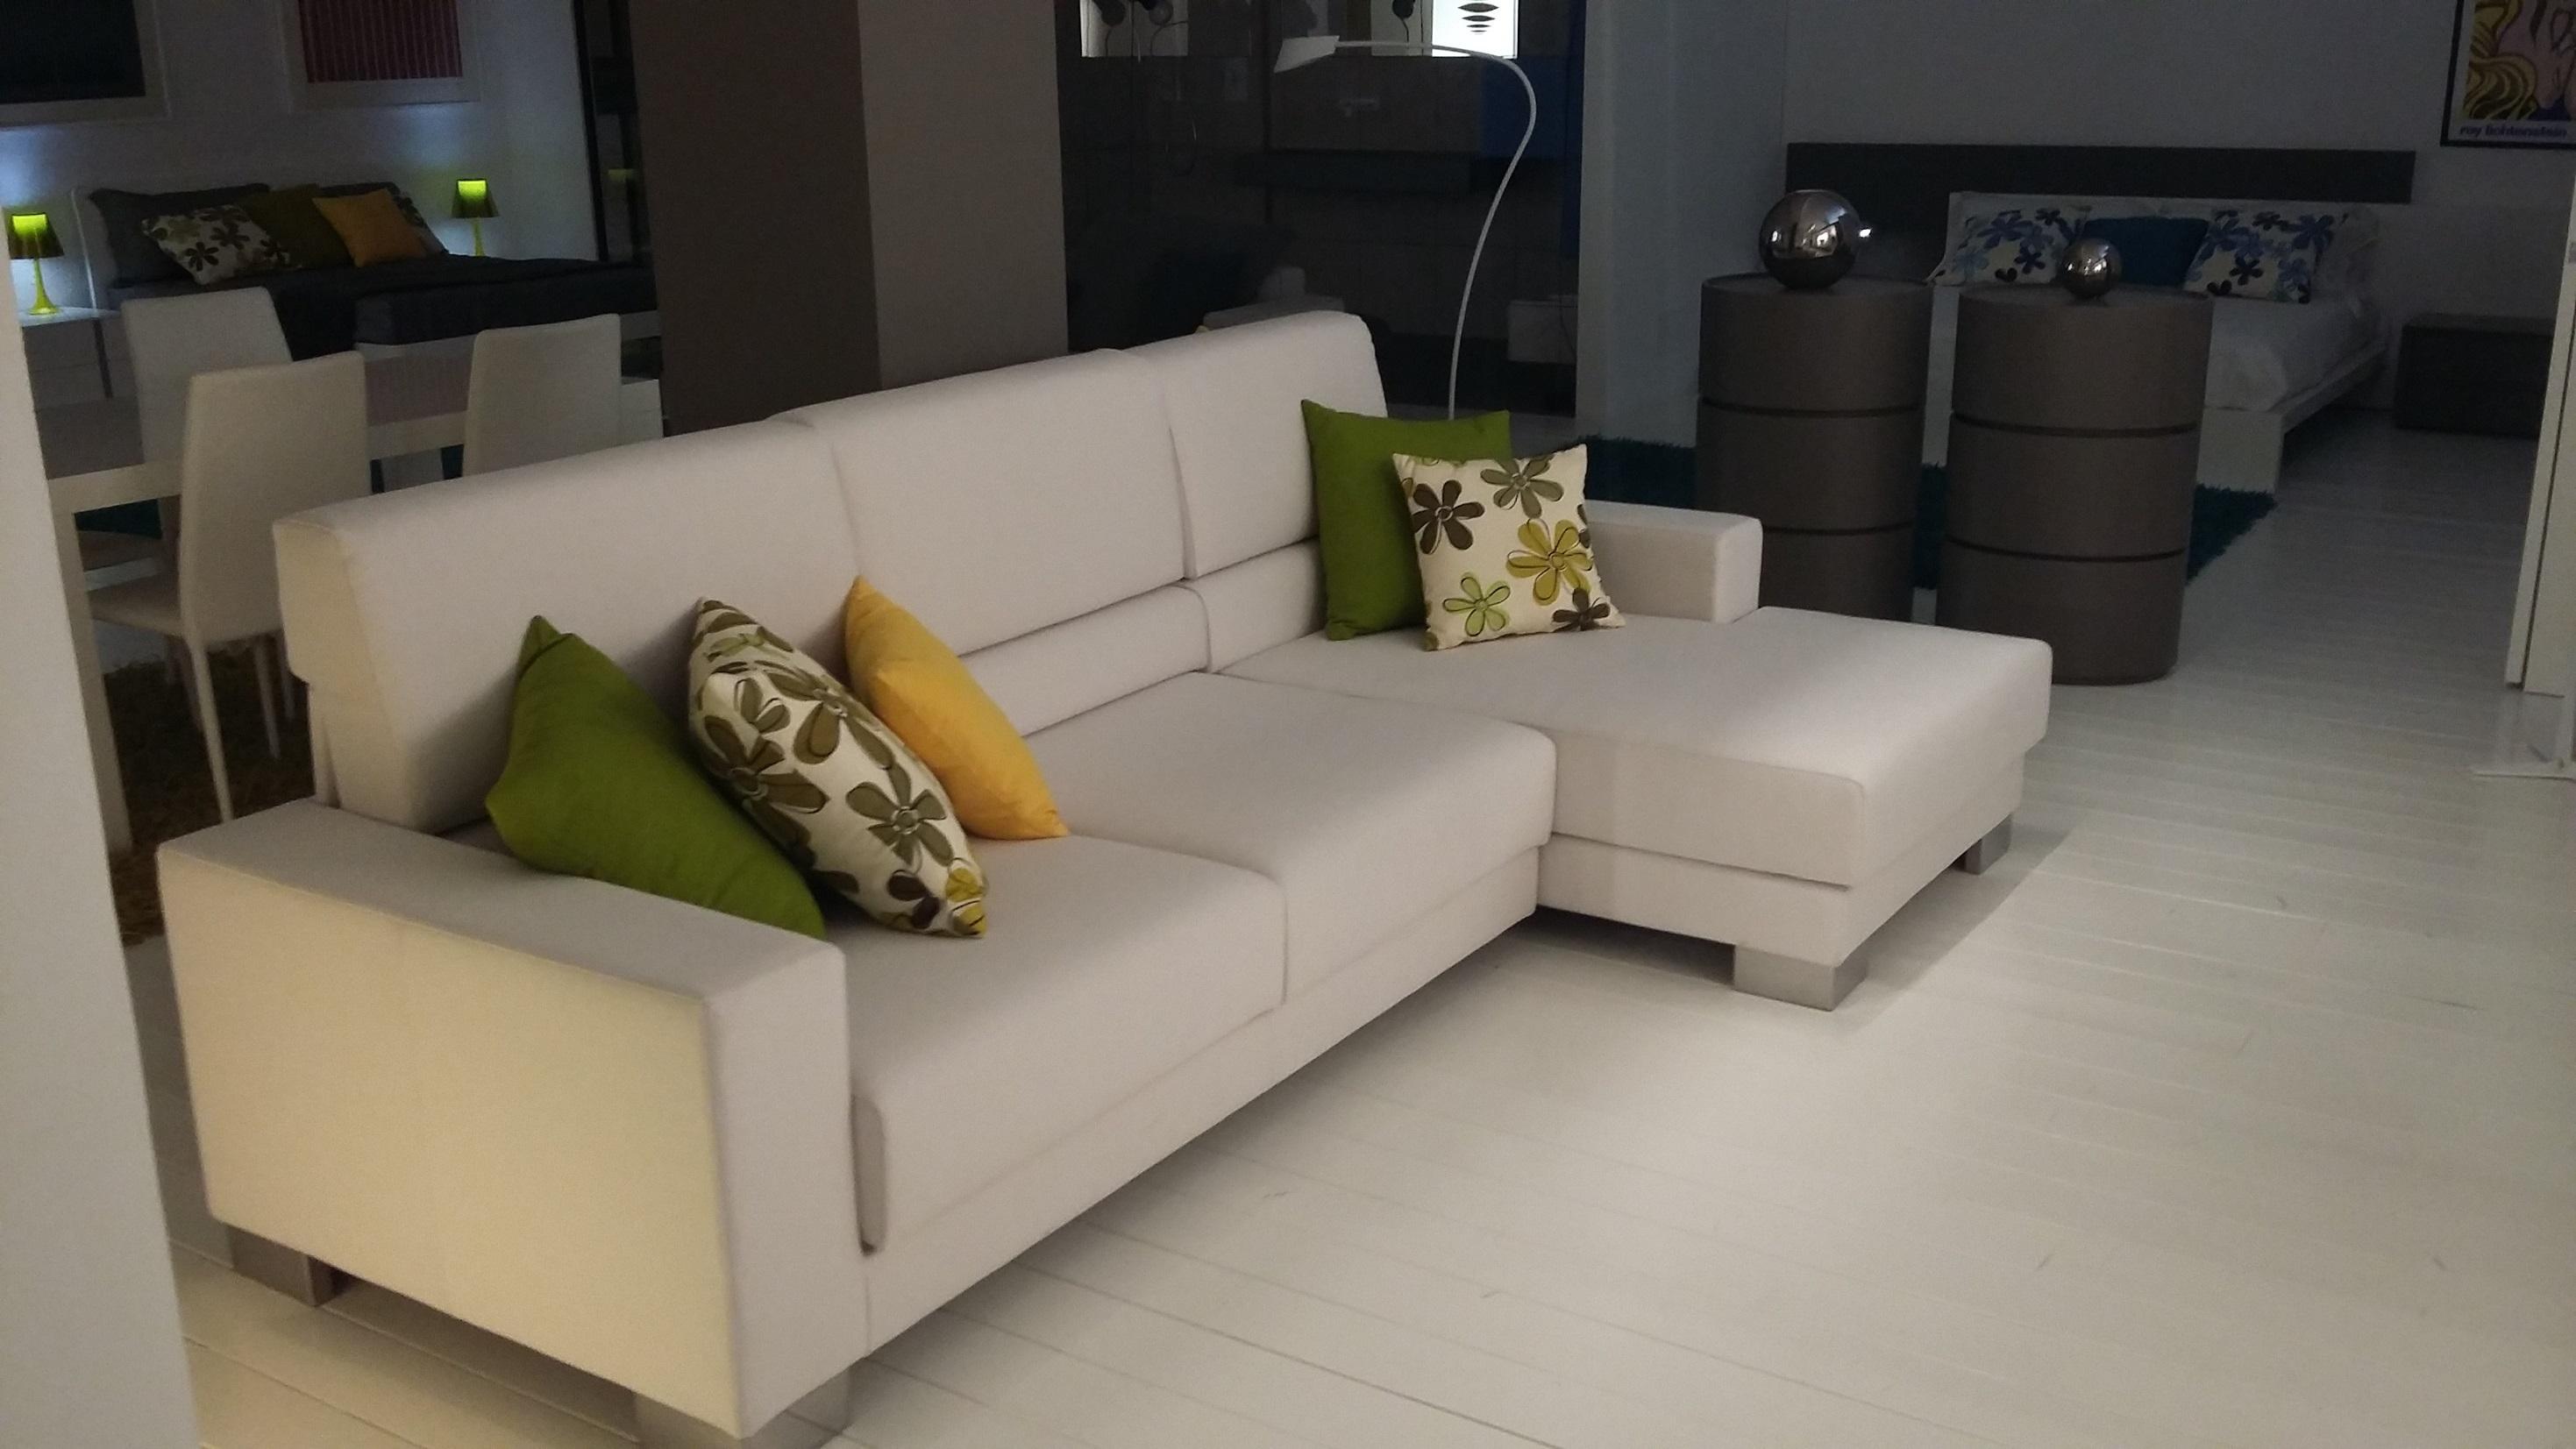 Divano con chaise longue naoko rigo salotti divani a prezzi scontati - Divano letto usato firenze ...